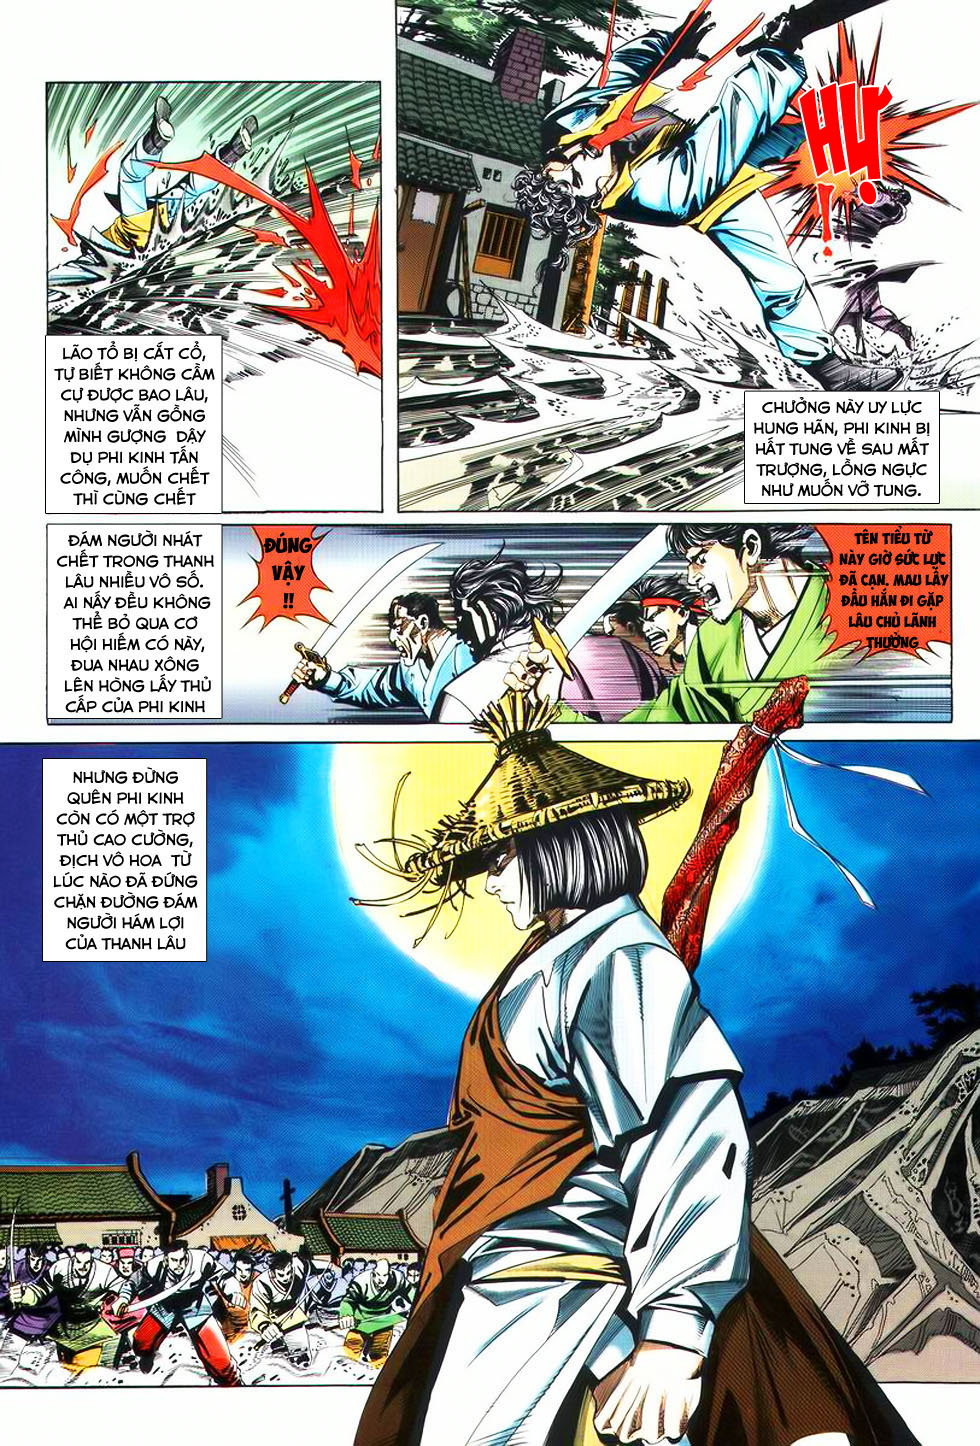 tulisqq.info -Bá Đao - Chapter 27